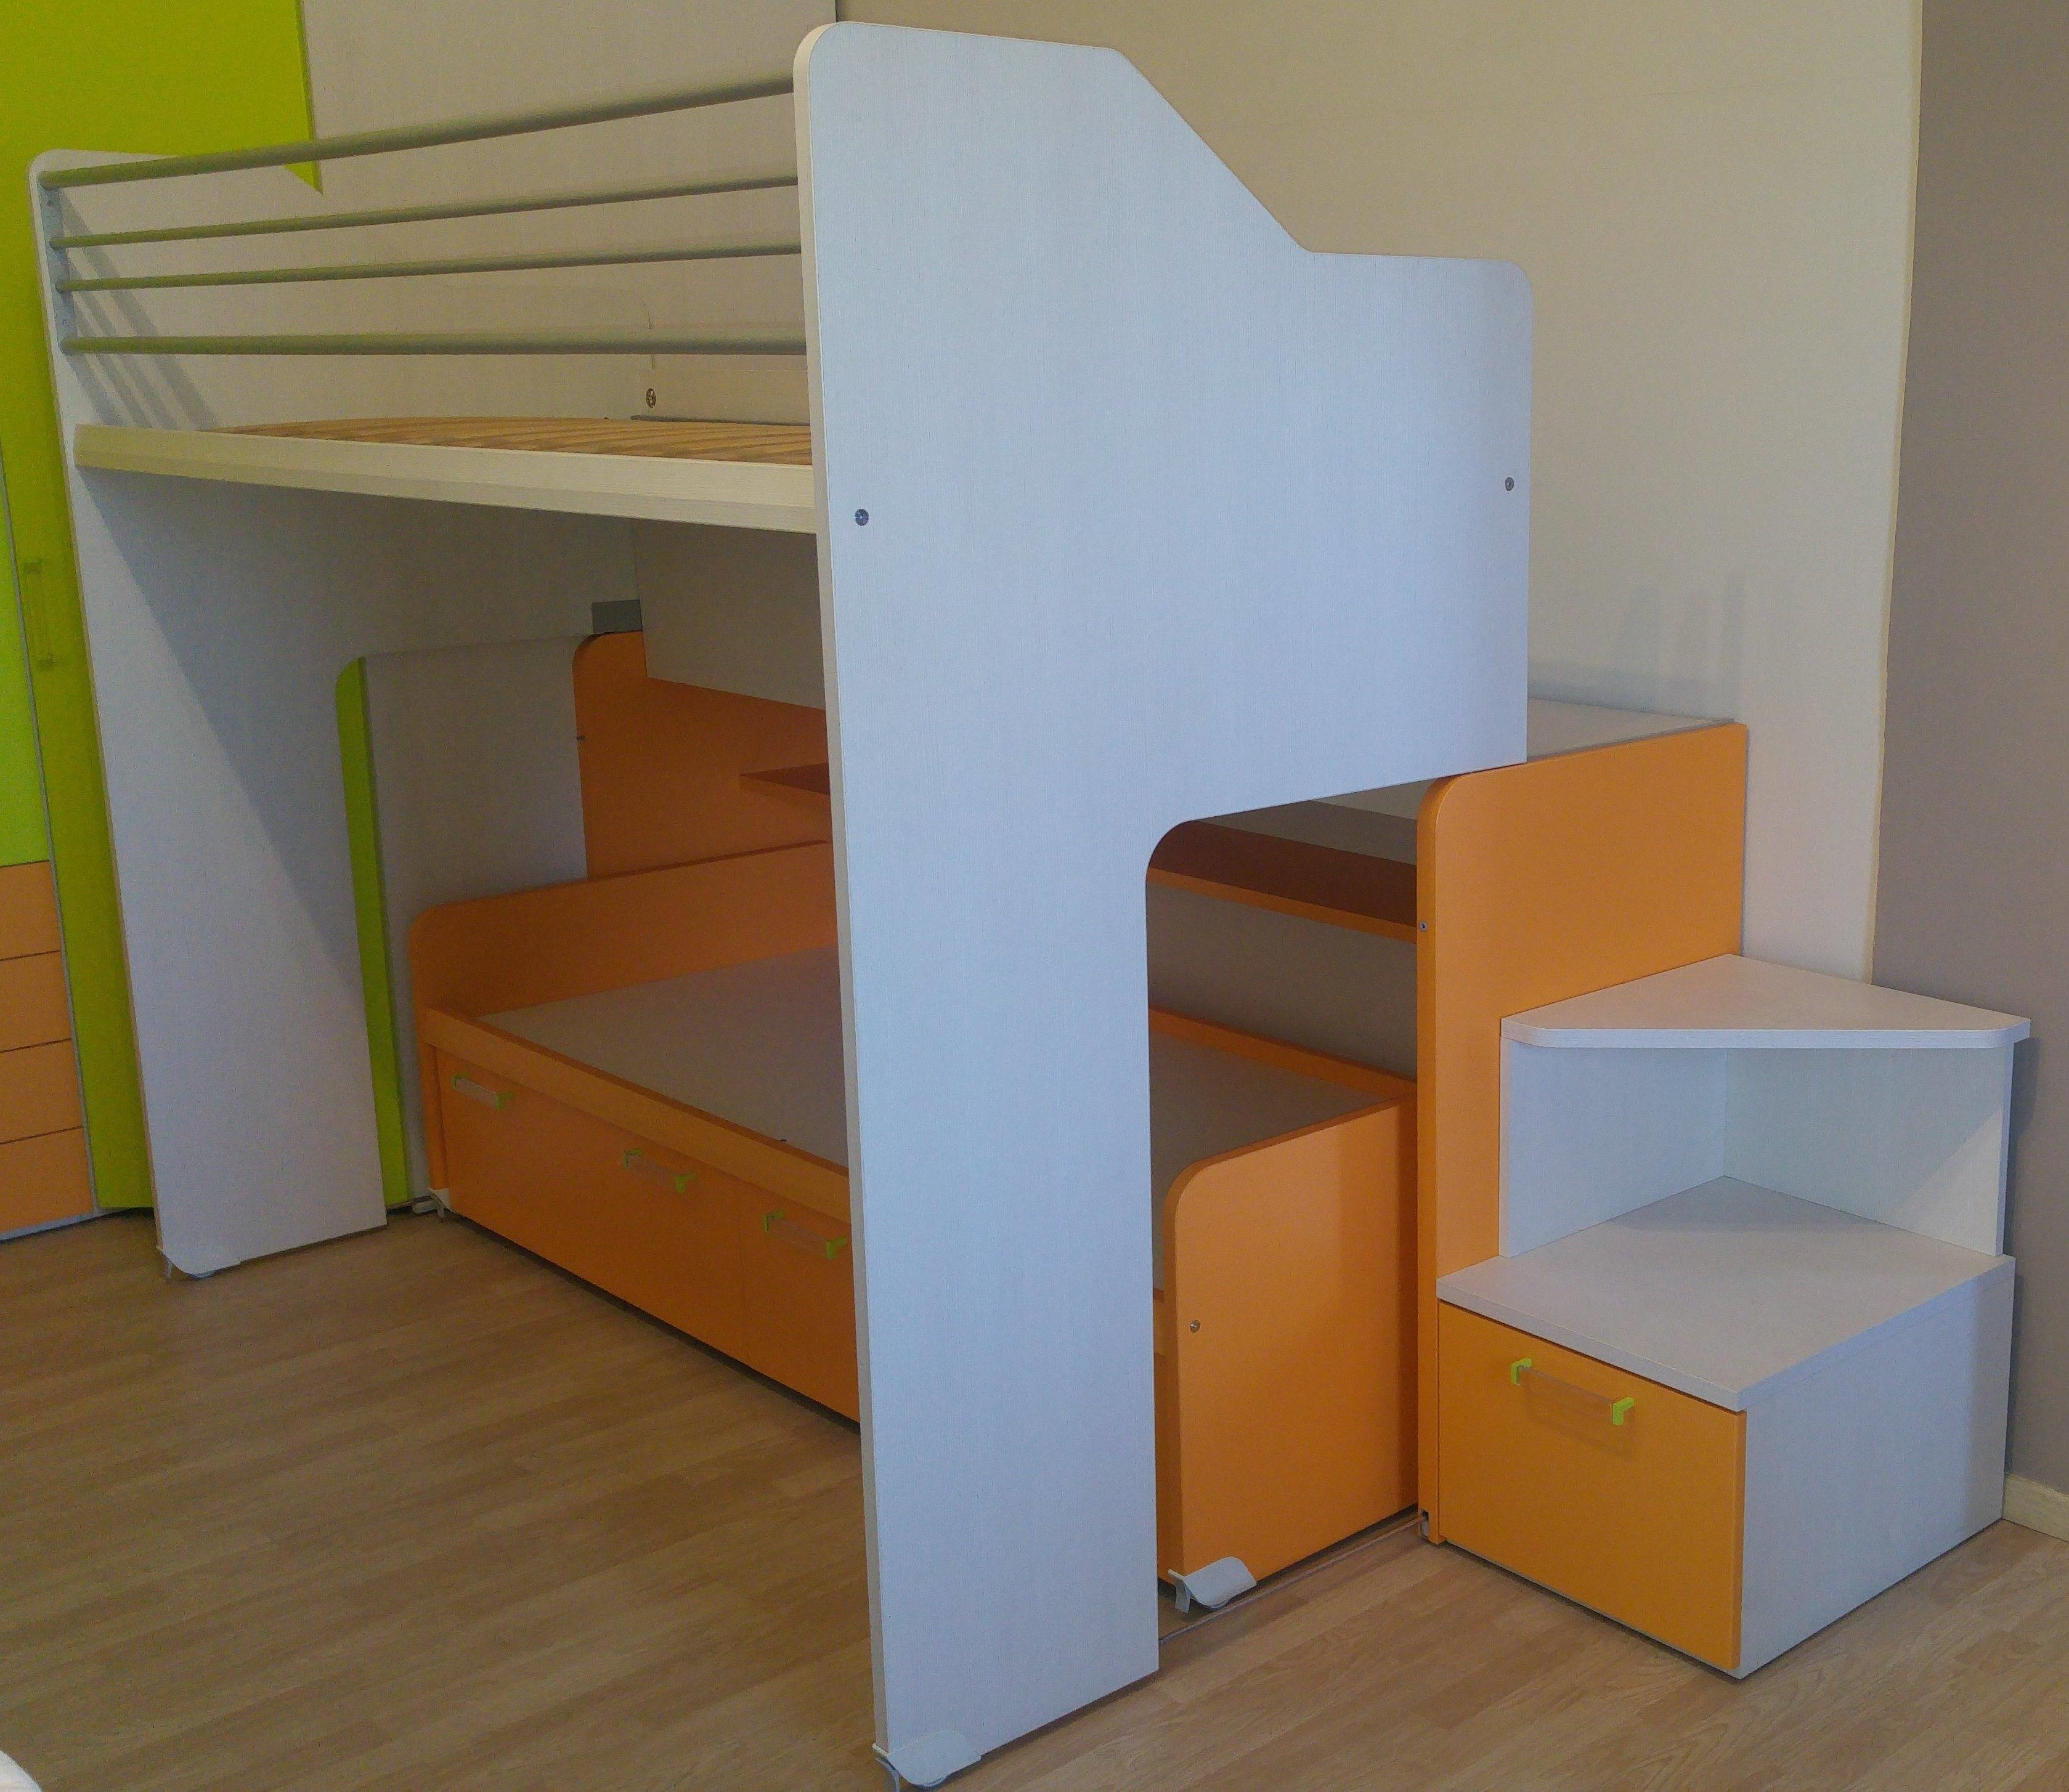 Nuovarredo camere da letto prezzi - Camere da letto moderne prezzi bassi ...